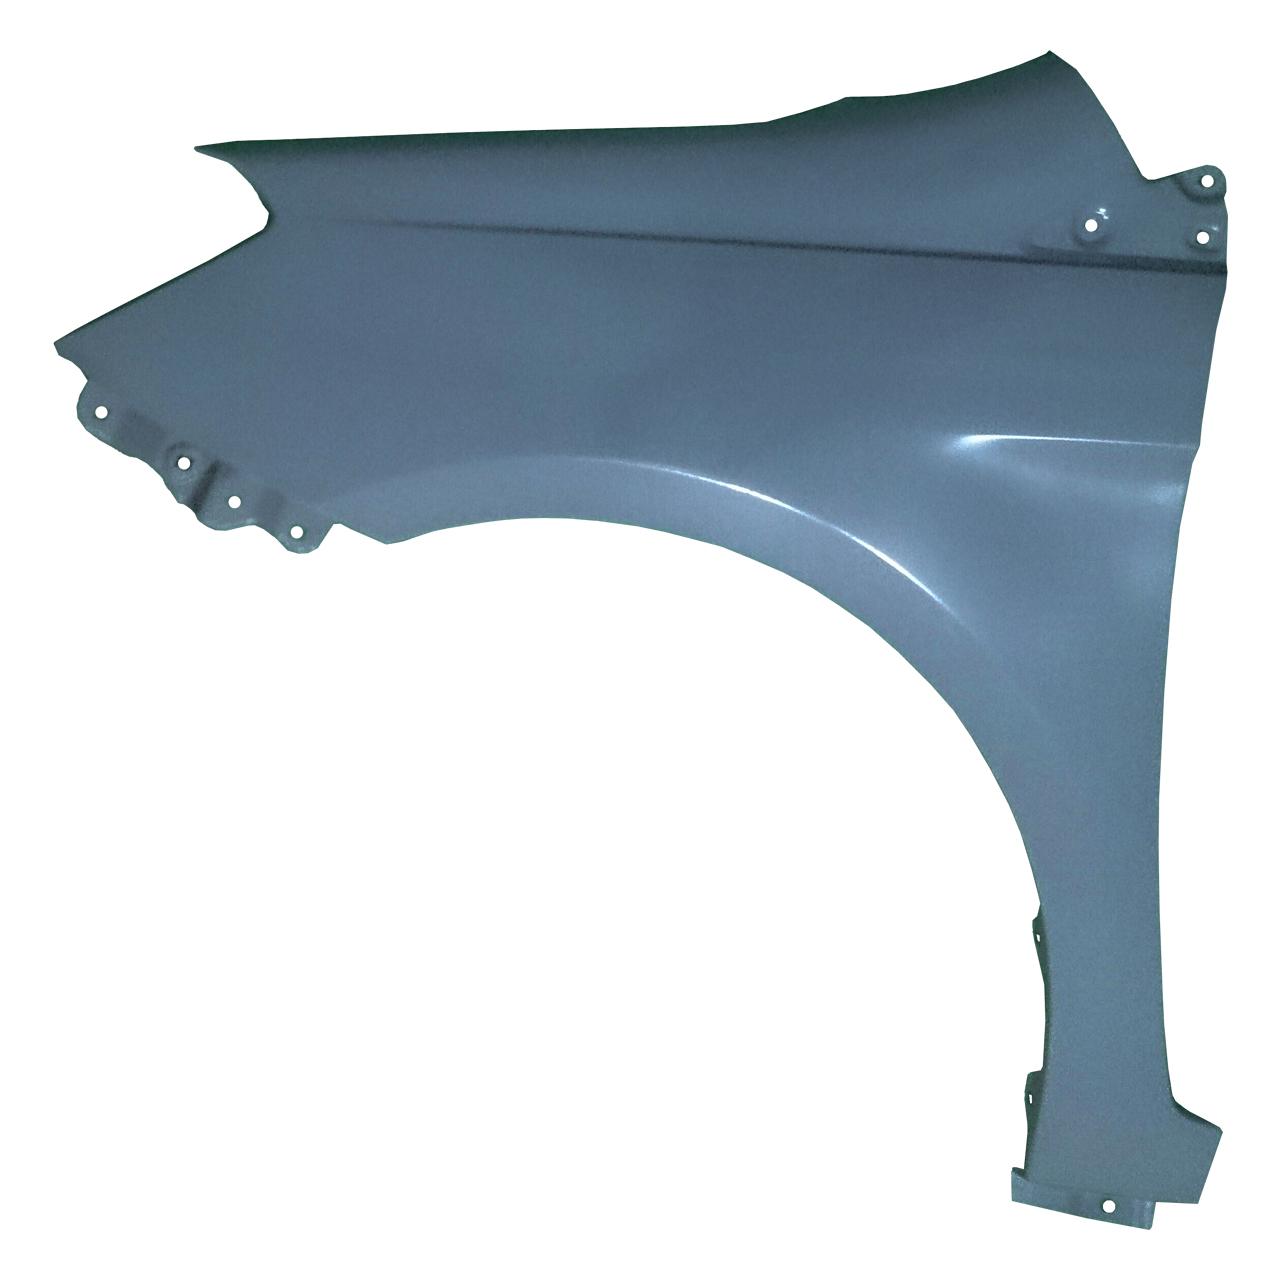 گلگير جلو چپ مدل 8403101-J08 مناسب برای ولکس C30